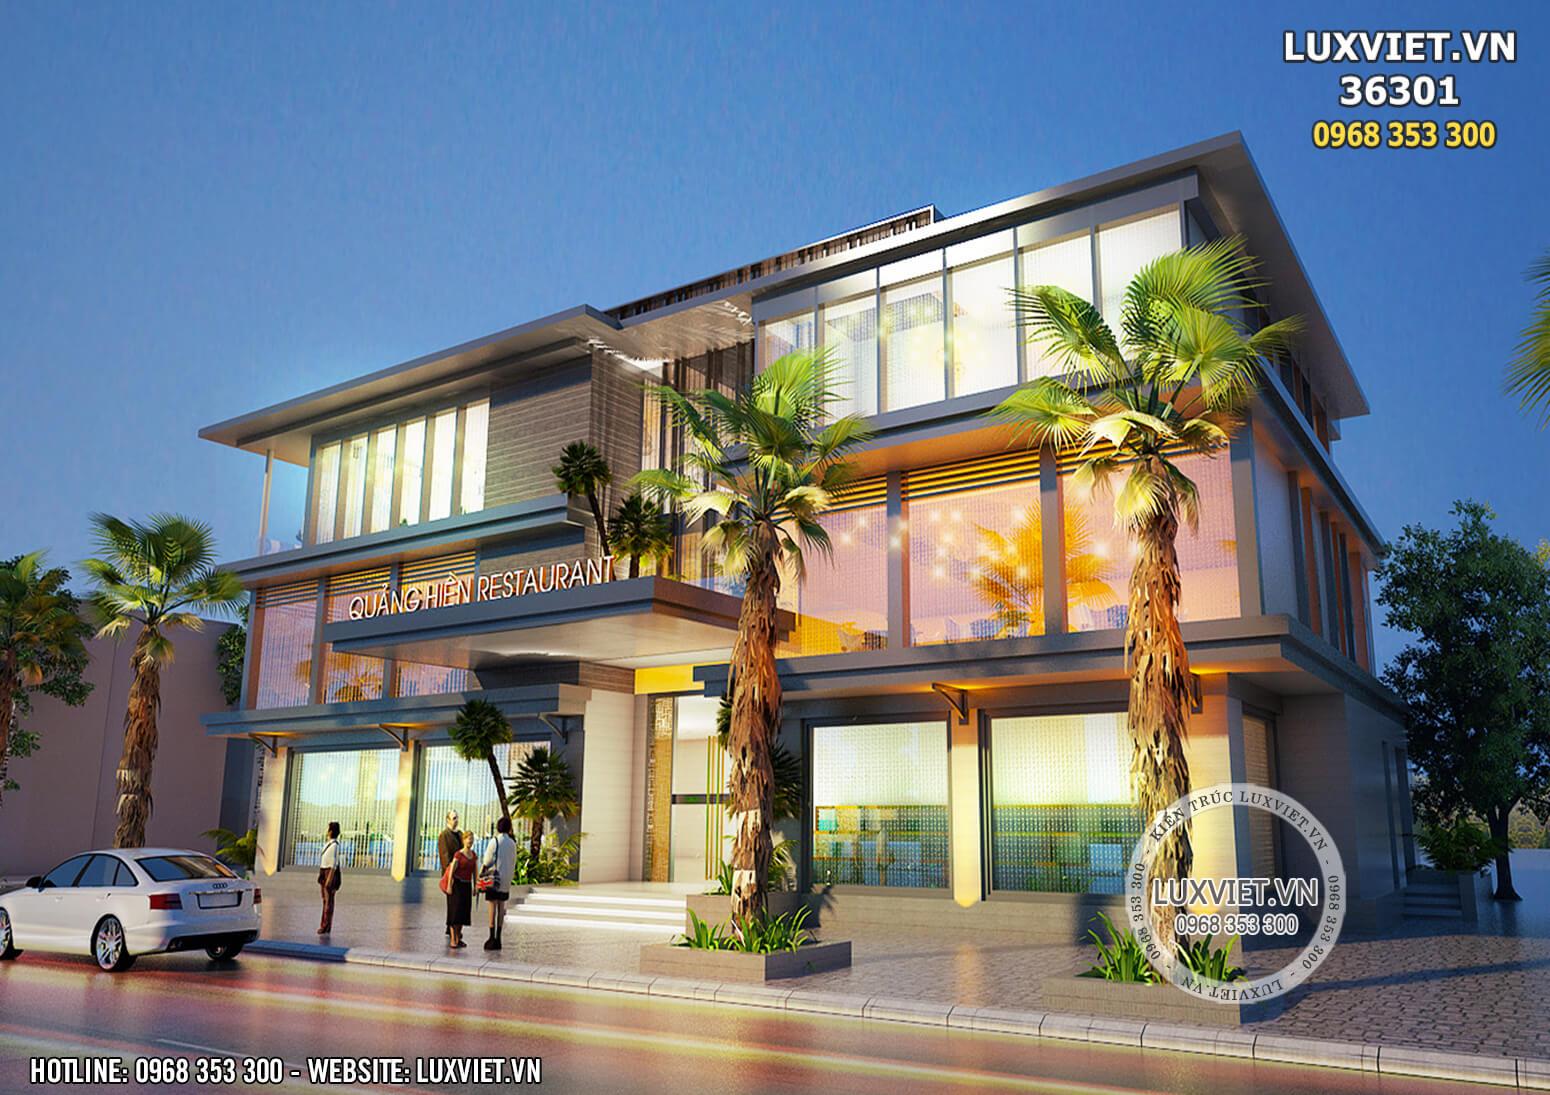 Hình ảnh: Sự kết hợp hài hòa giữa các nguyên vật liệu của mẫu thiết kế nhà hàng 3 tầng